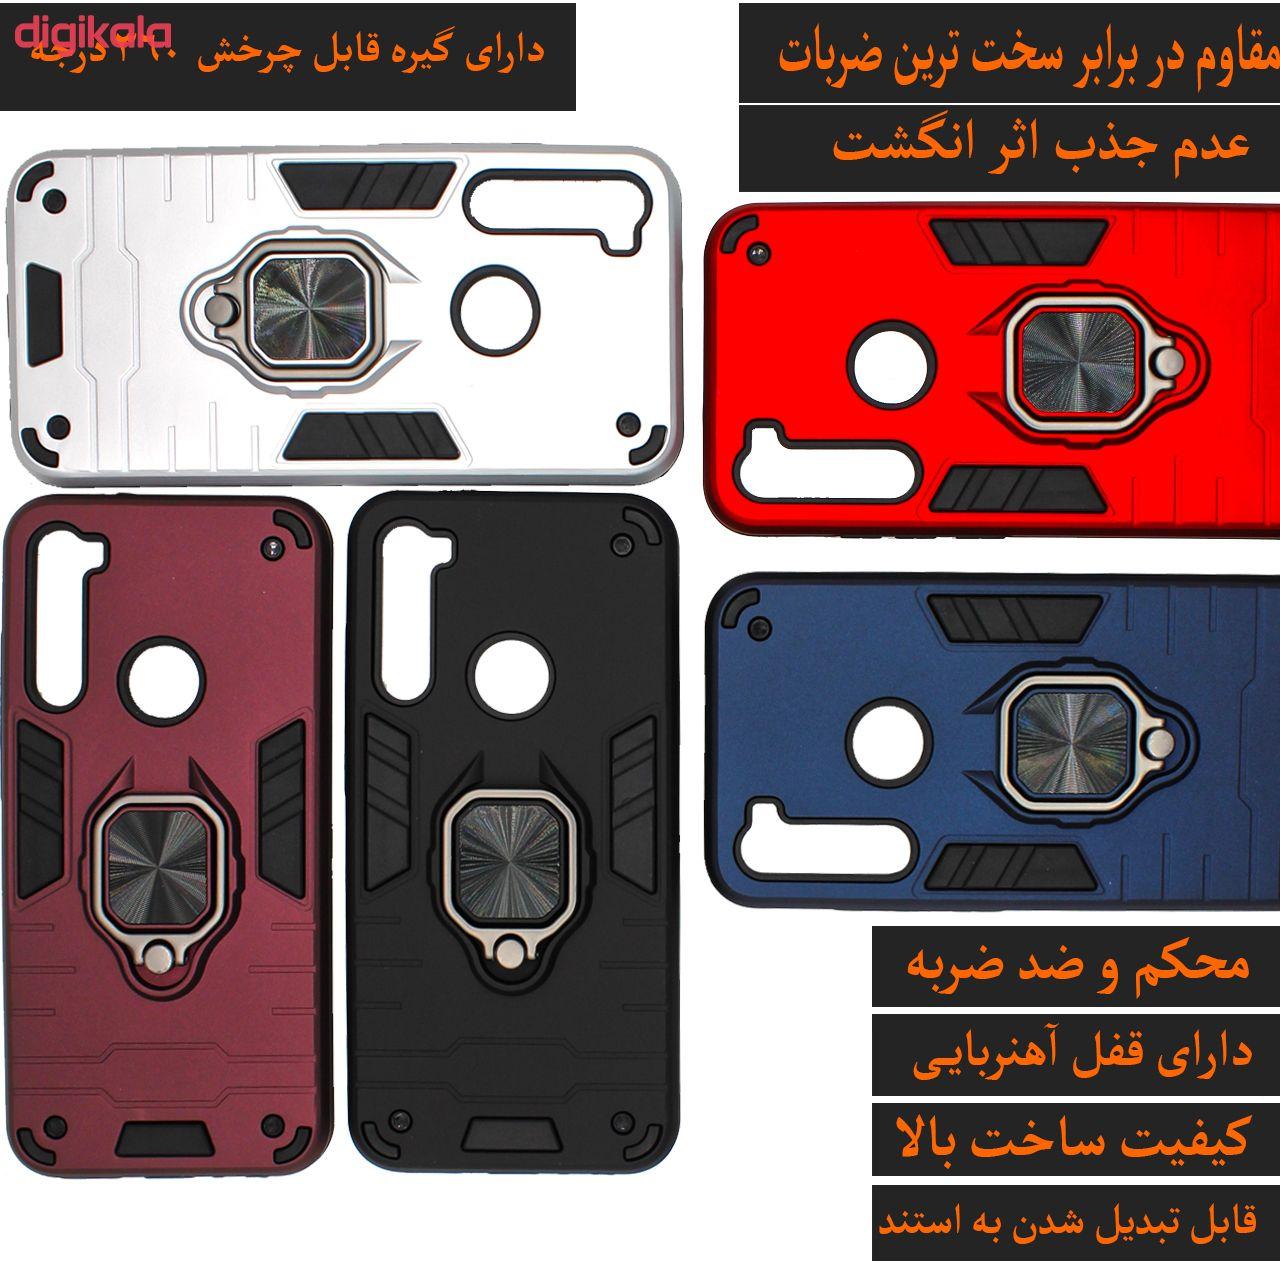 کاور کینگ پاور مدل ASH22 مناسب برای گوشی موبایل شیائومی Redmi Note 8 main 1 11